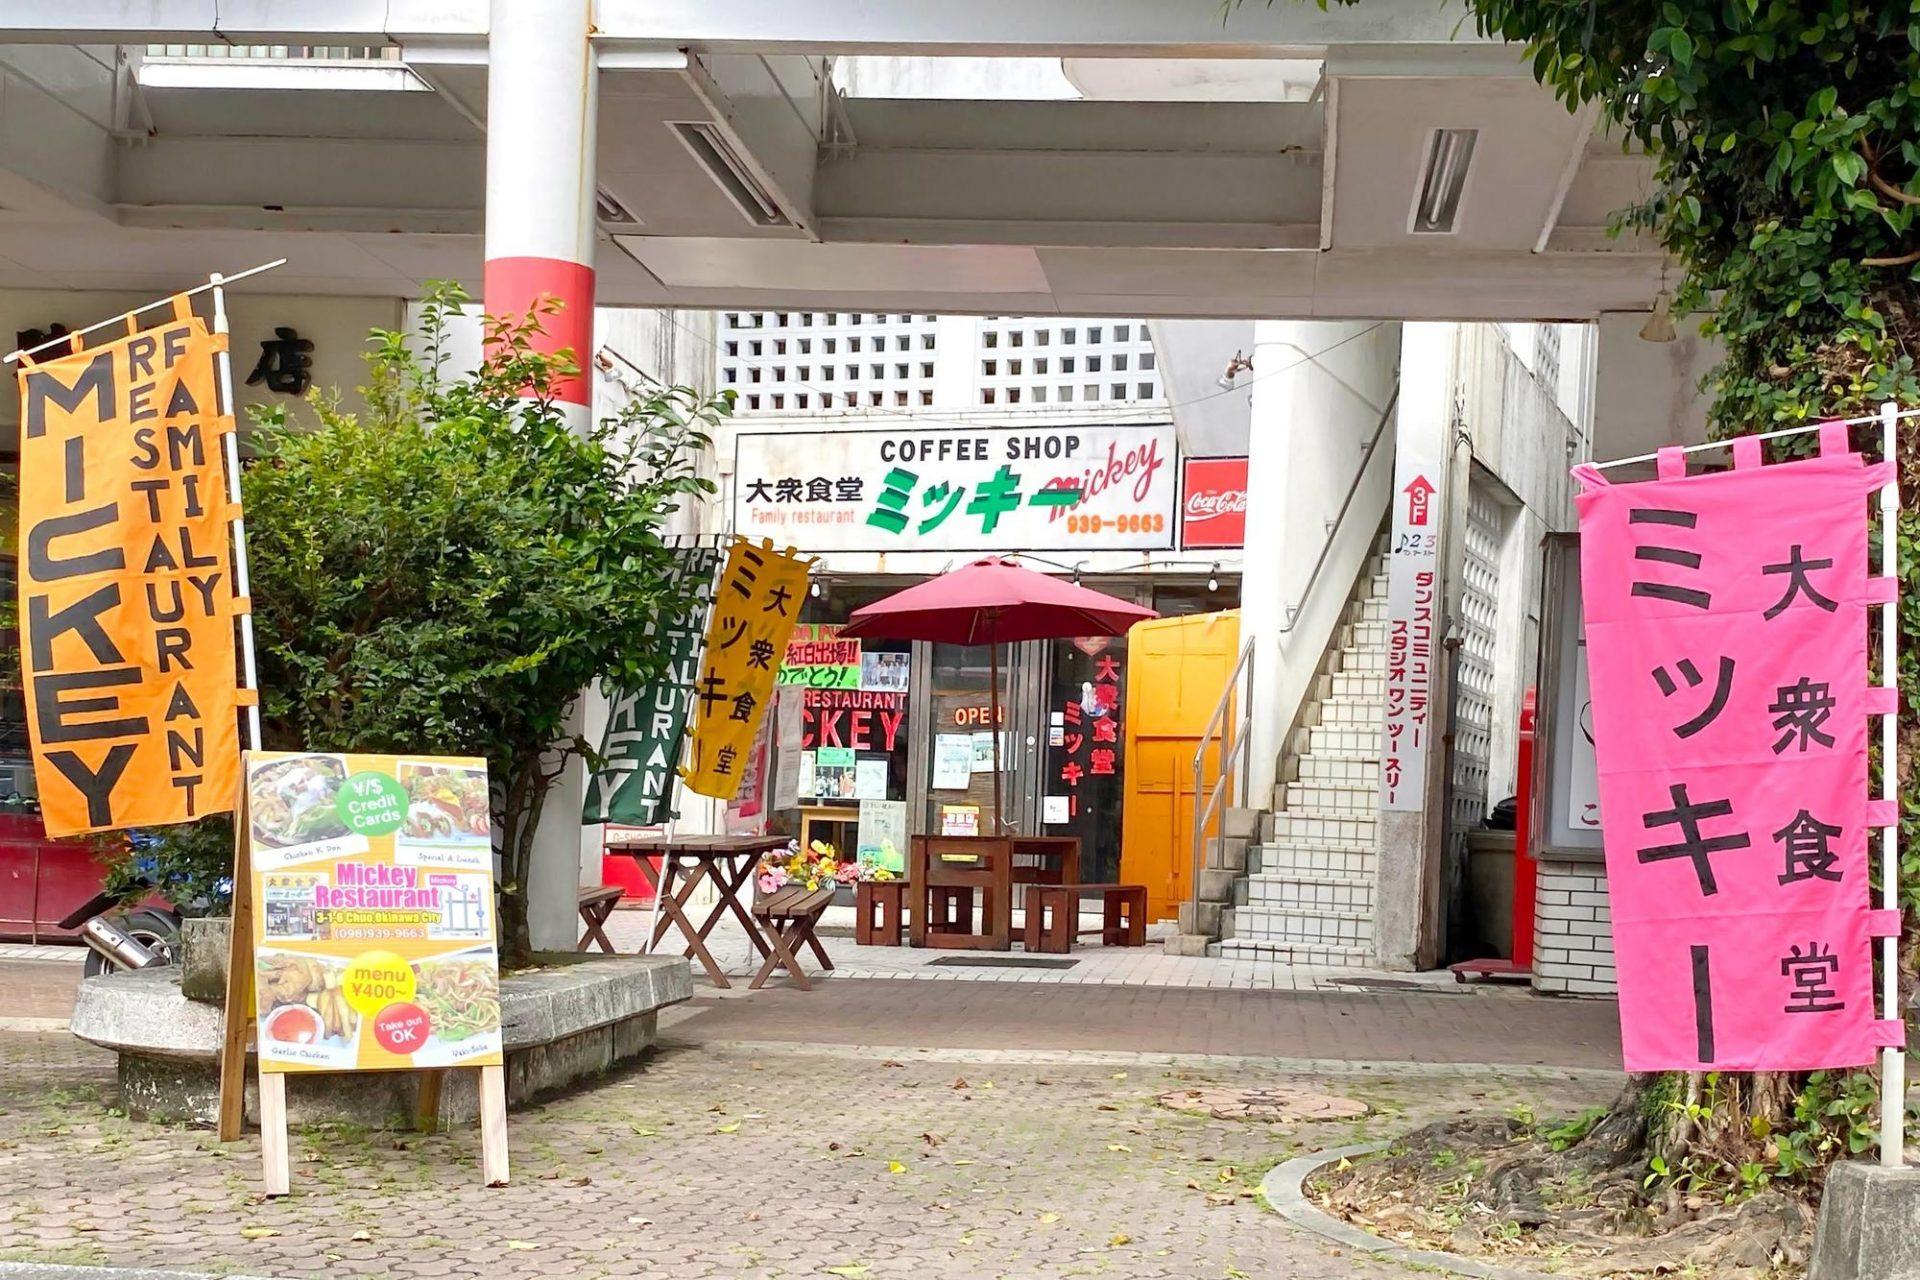 沖縄 食堂 ランチ  大衆食堂ミッキー 沖縄市